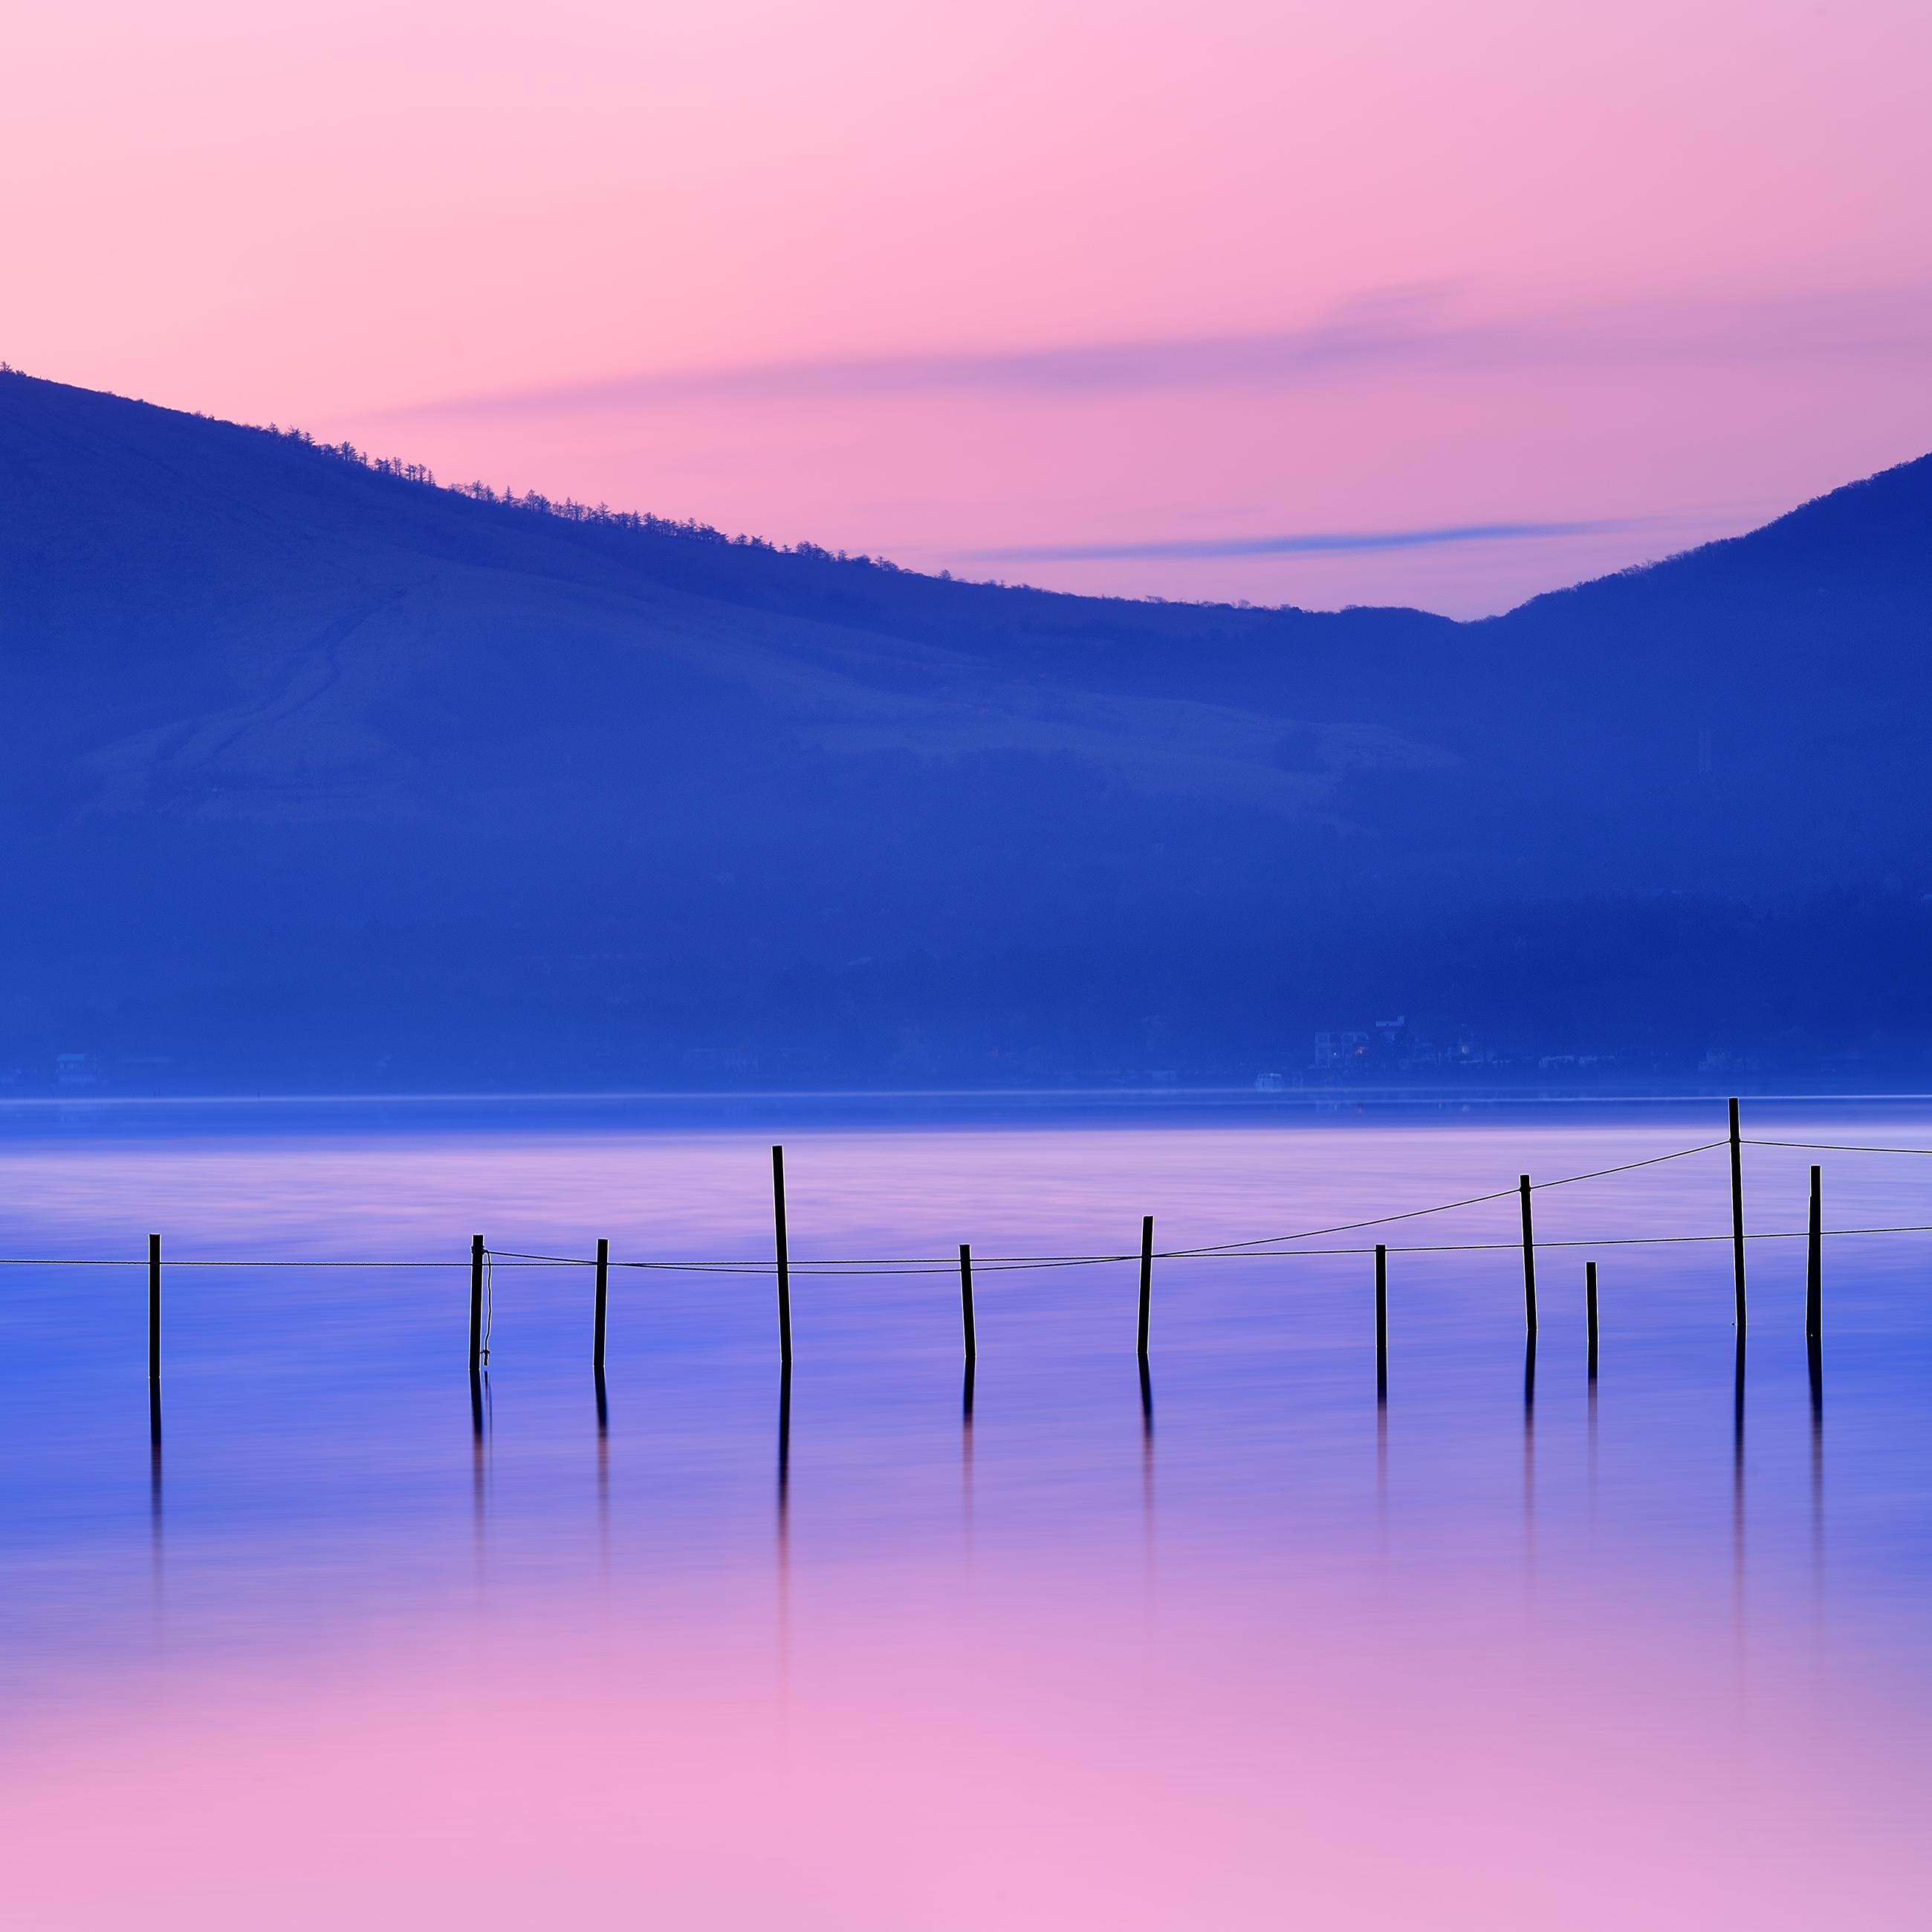 Yamanaka Lake, Japan